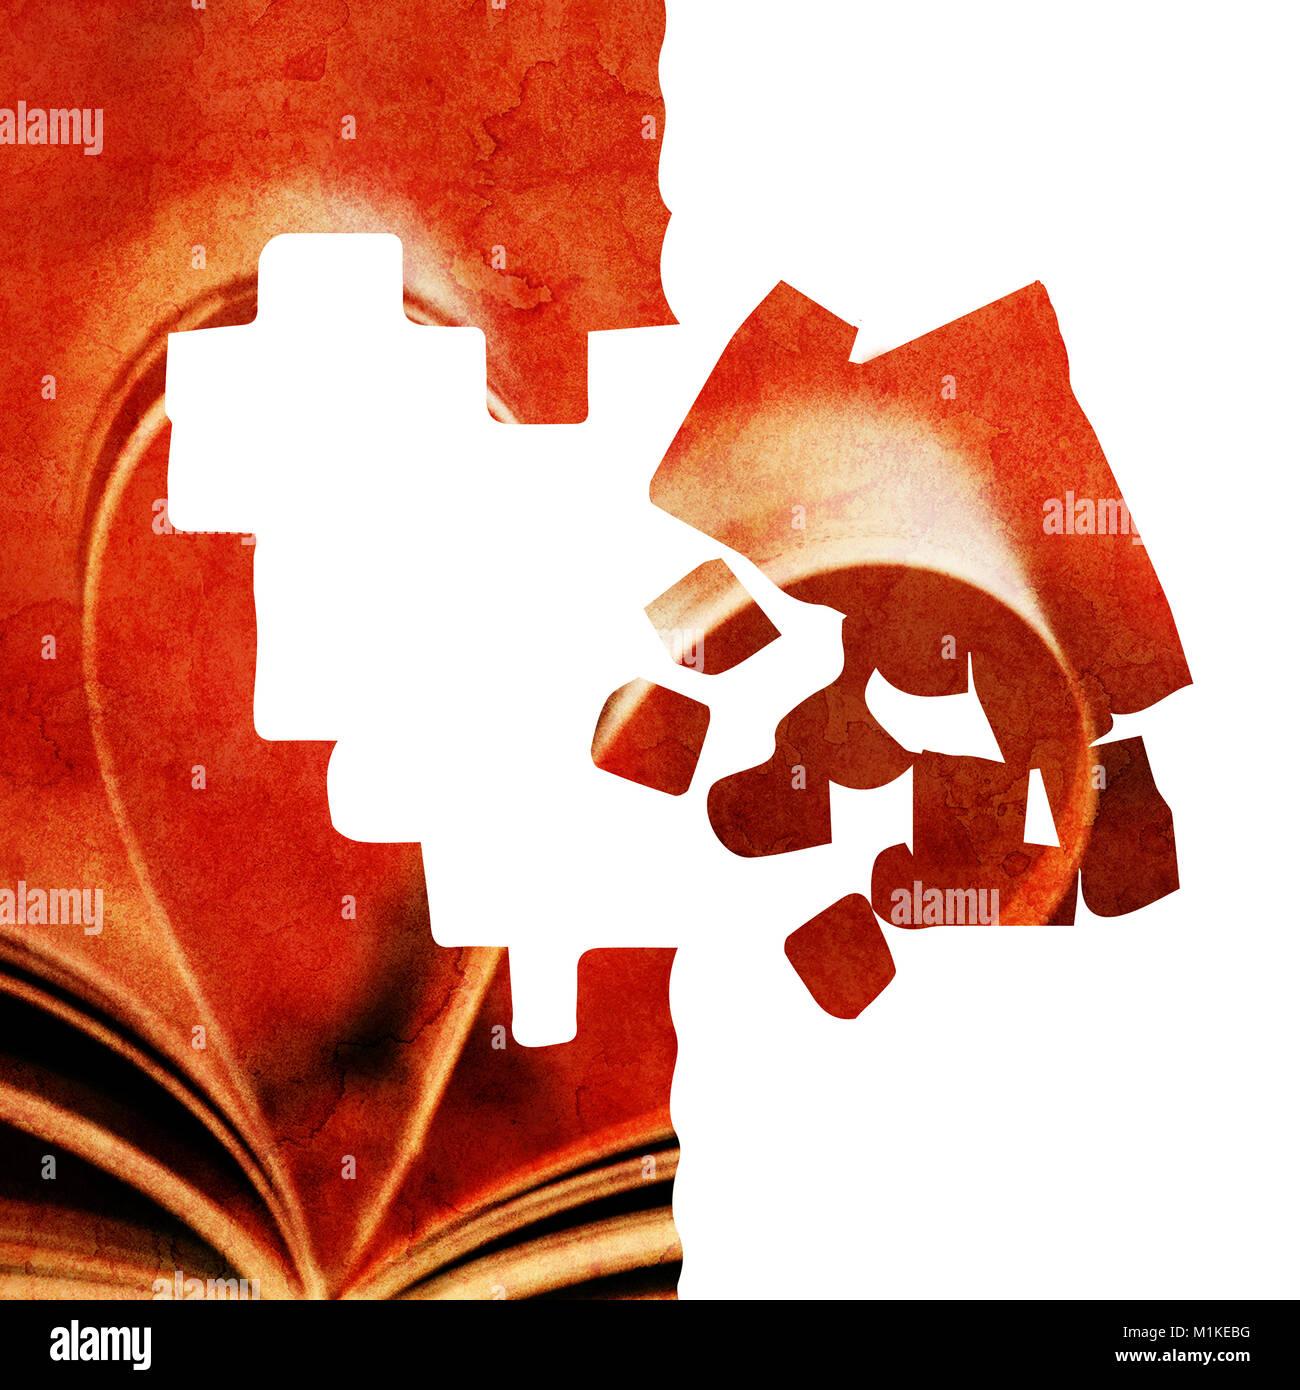 Grunge illustrazione astratta con molte forme di cuore Foto Stock